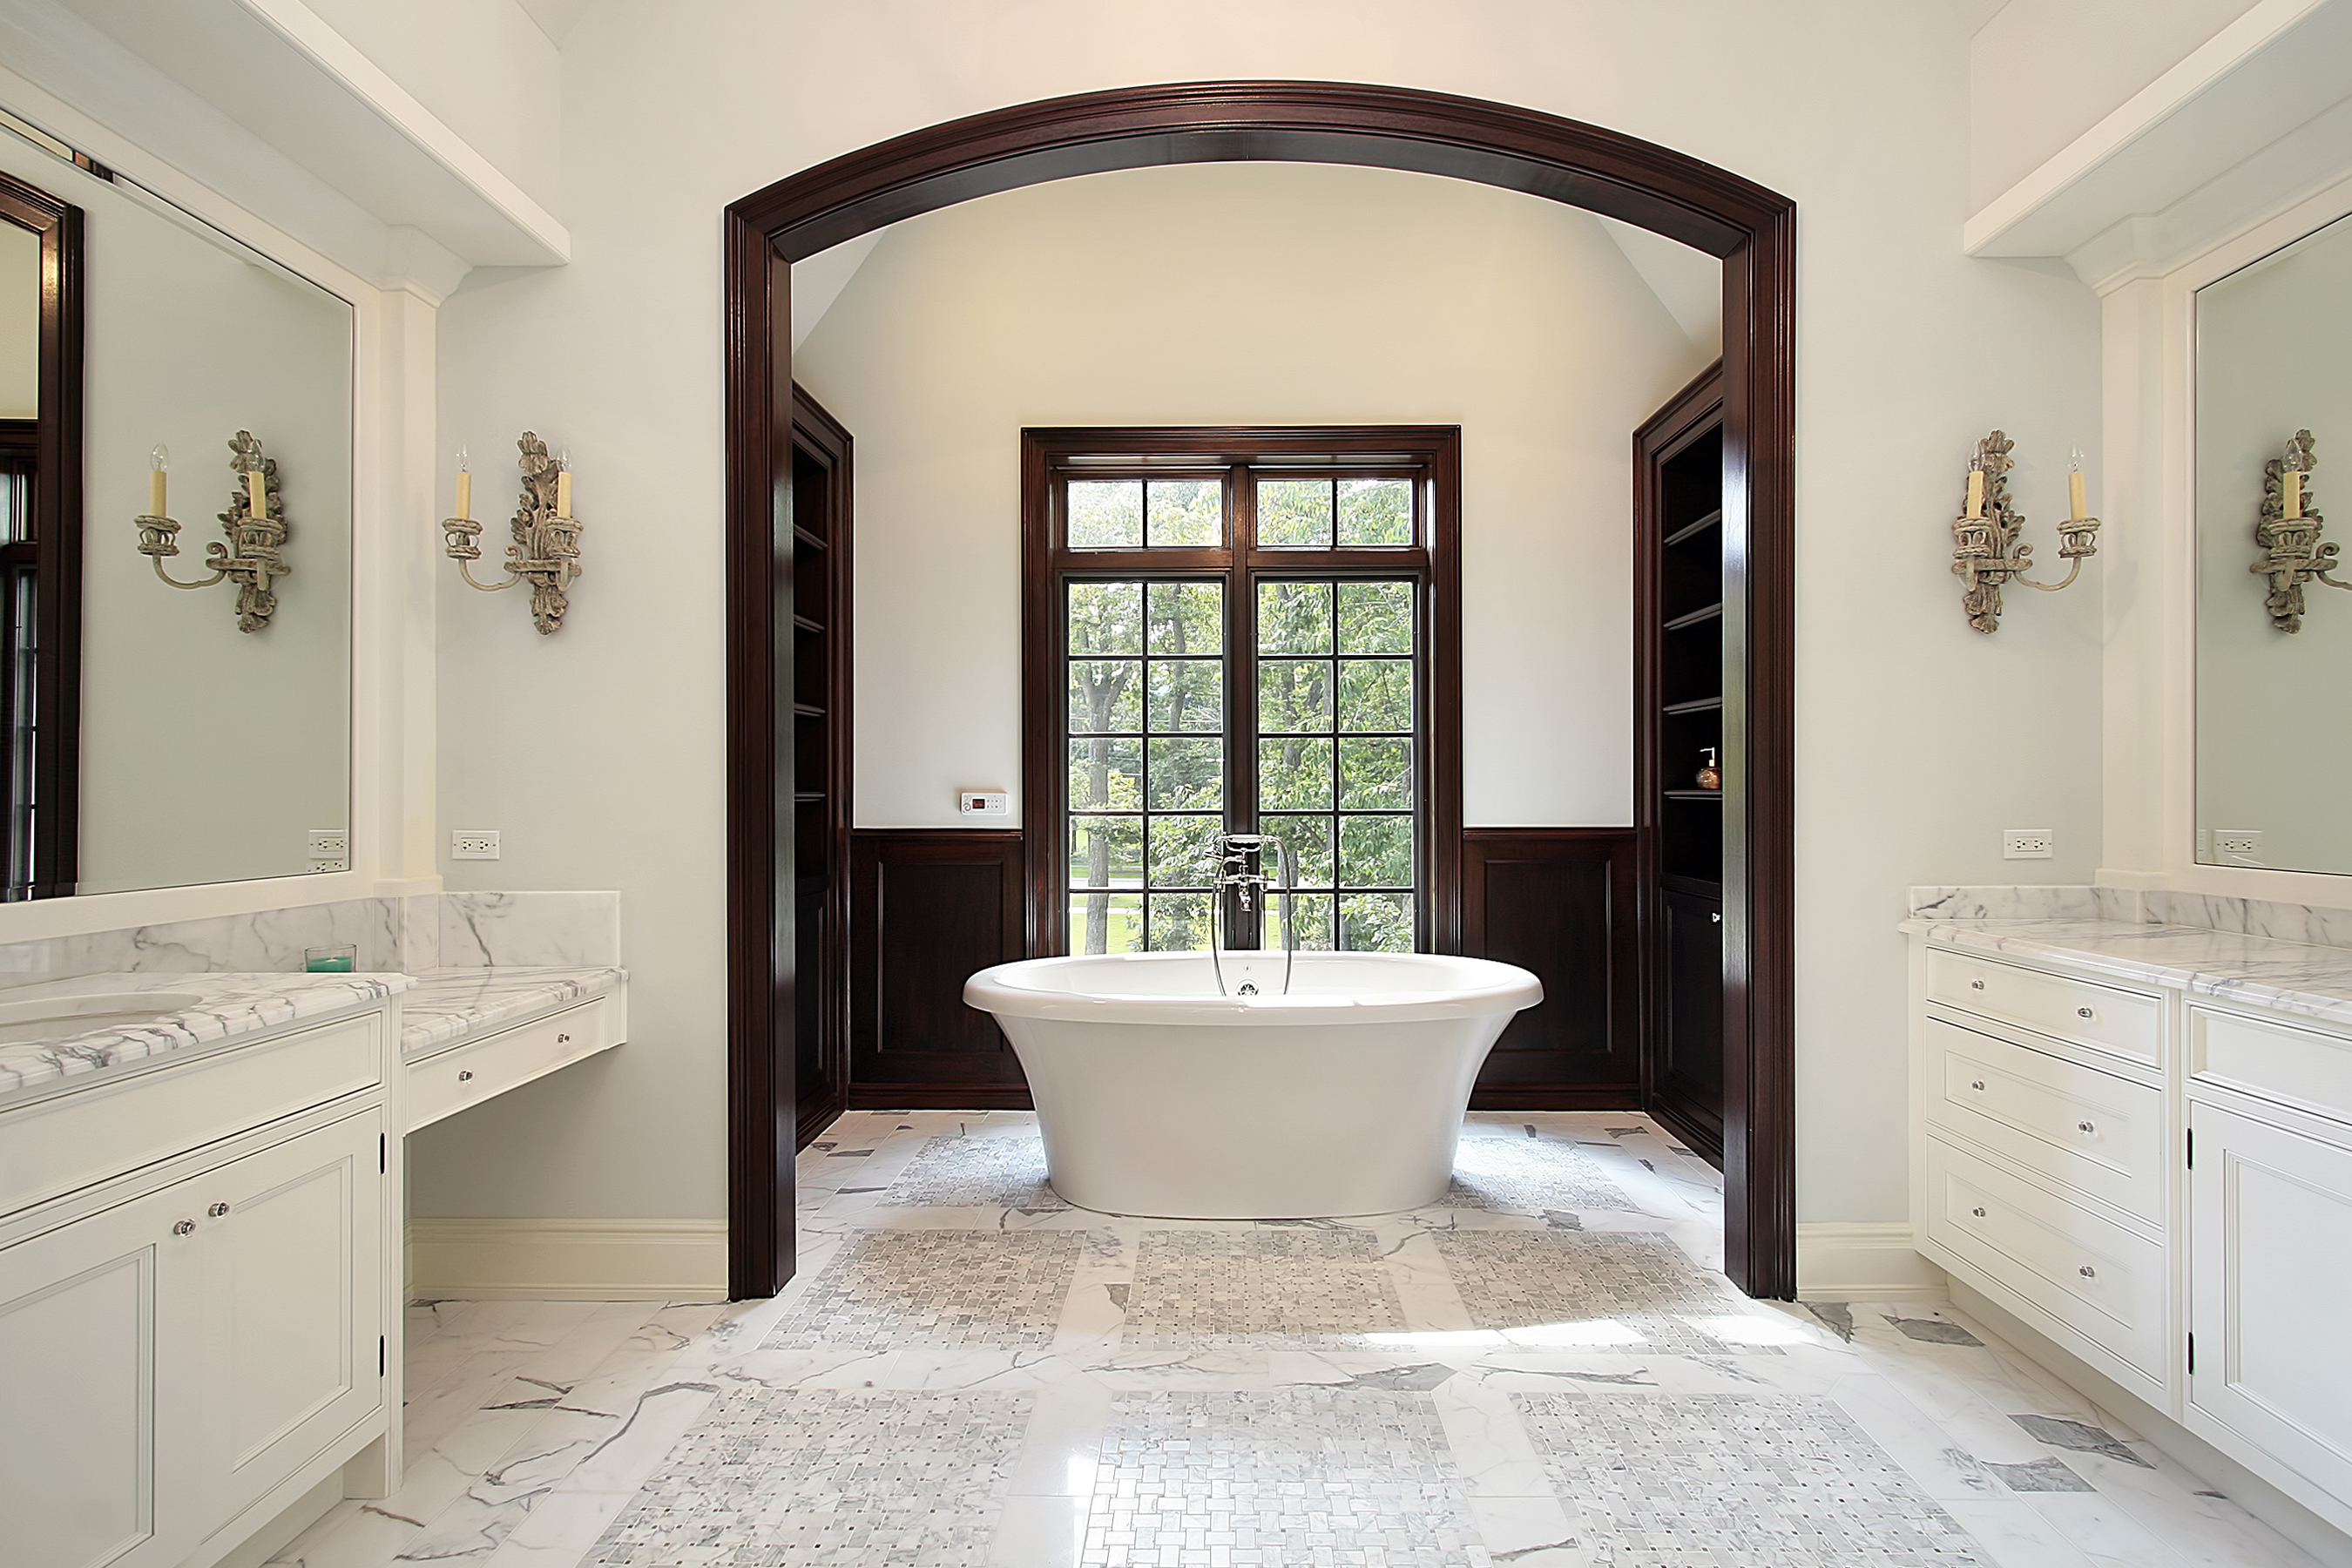 bigstock-Master-Bath-With-Arched-Tub-Ar-6683250